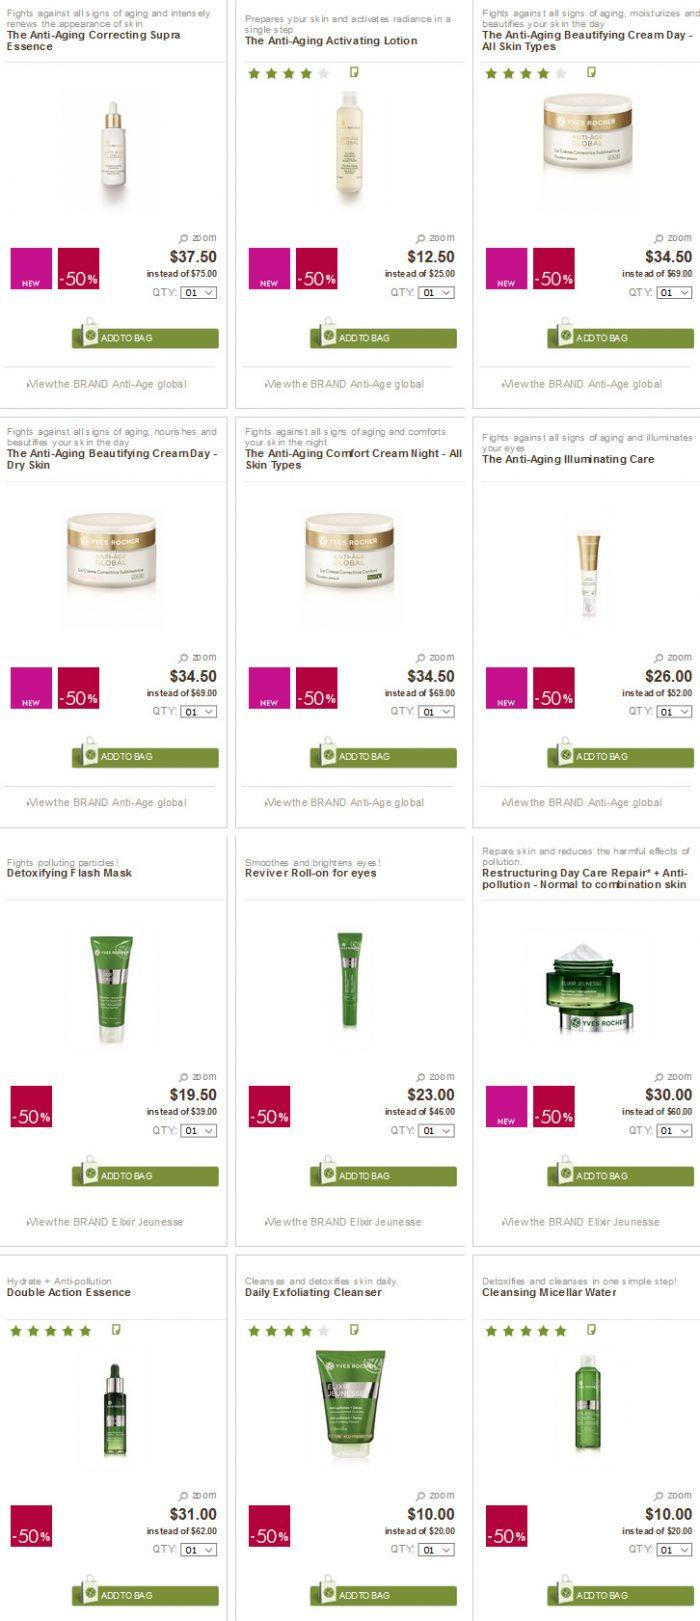 法国大热植物生态护肤品牌!Yves Rocher 伊夫·黎雪护肤品 5折优惠!